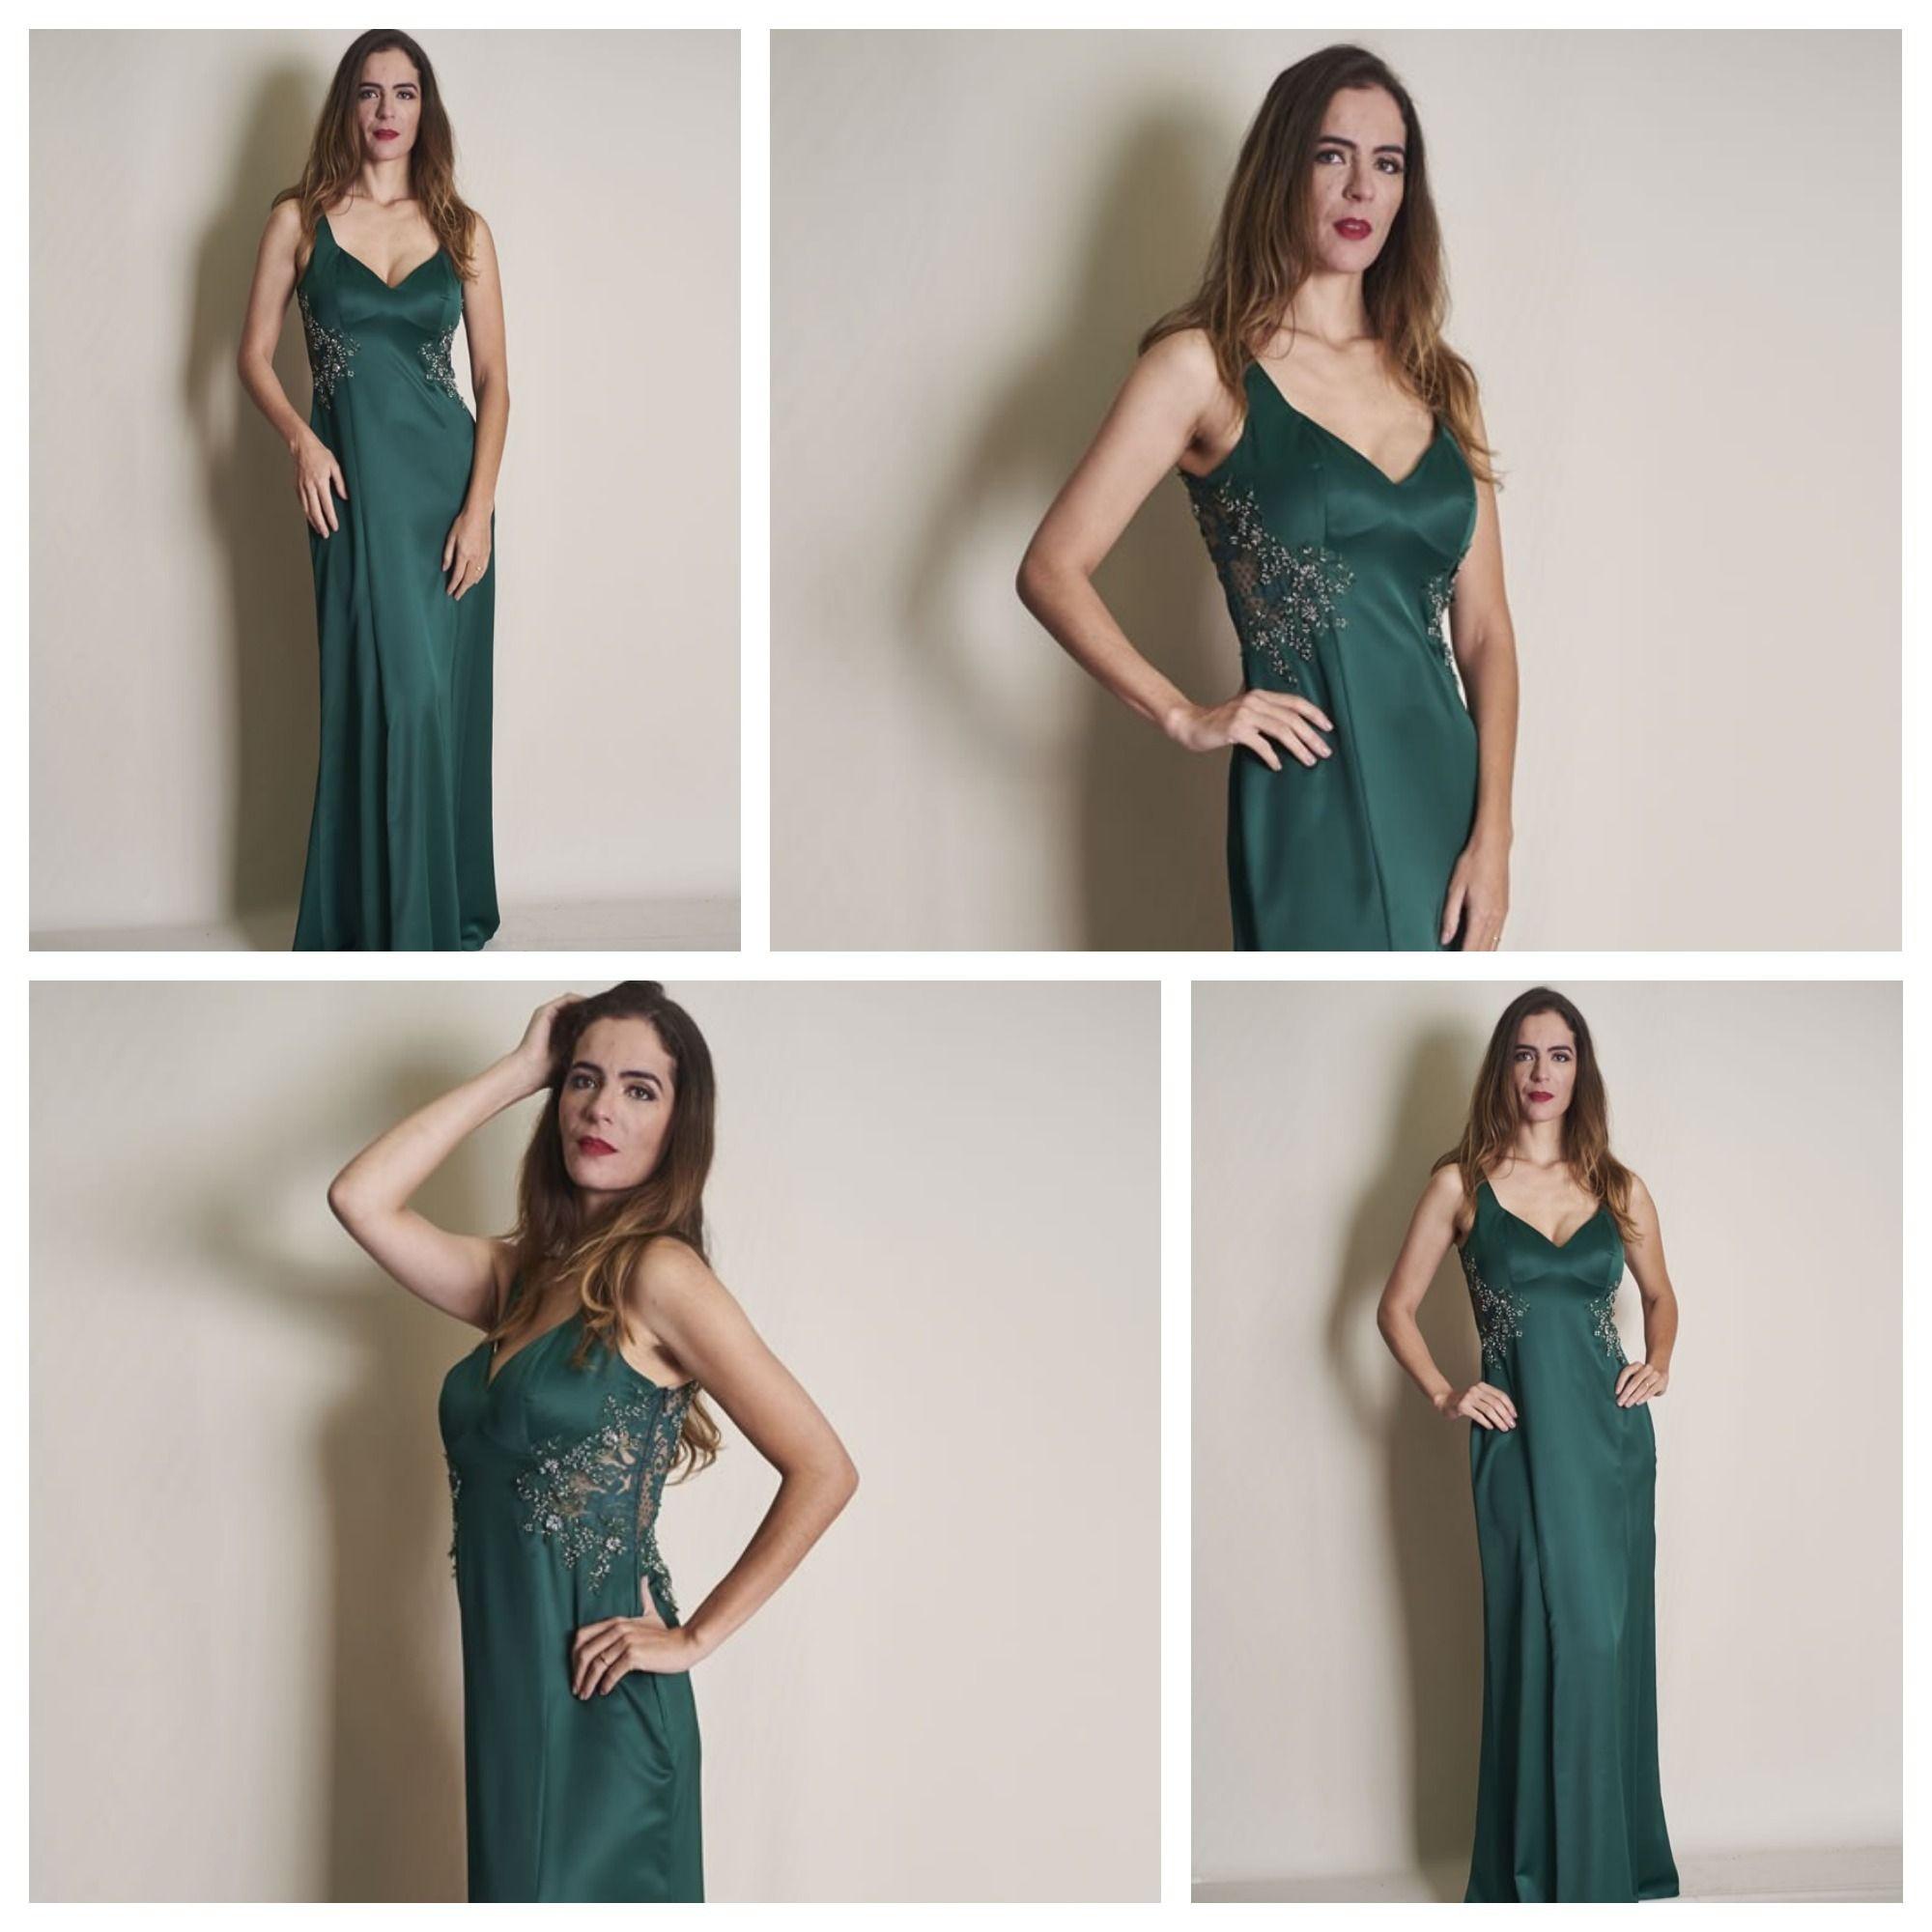 Vestido cetim longo com bordados e transparência! Modelo: Patrícia Chaib Foto: Benhur Studio